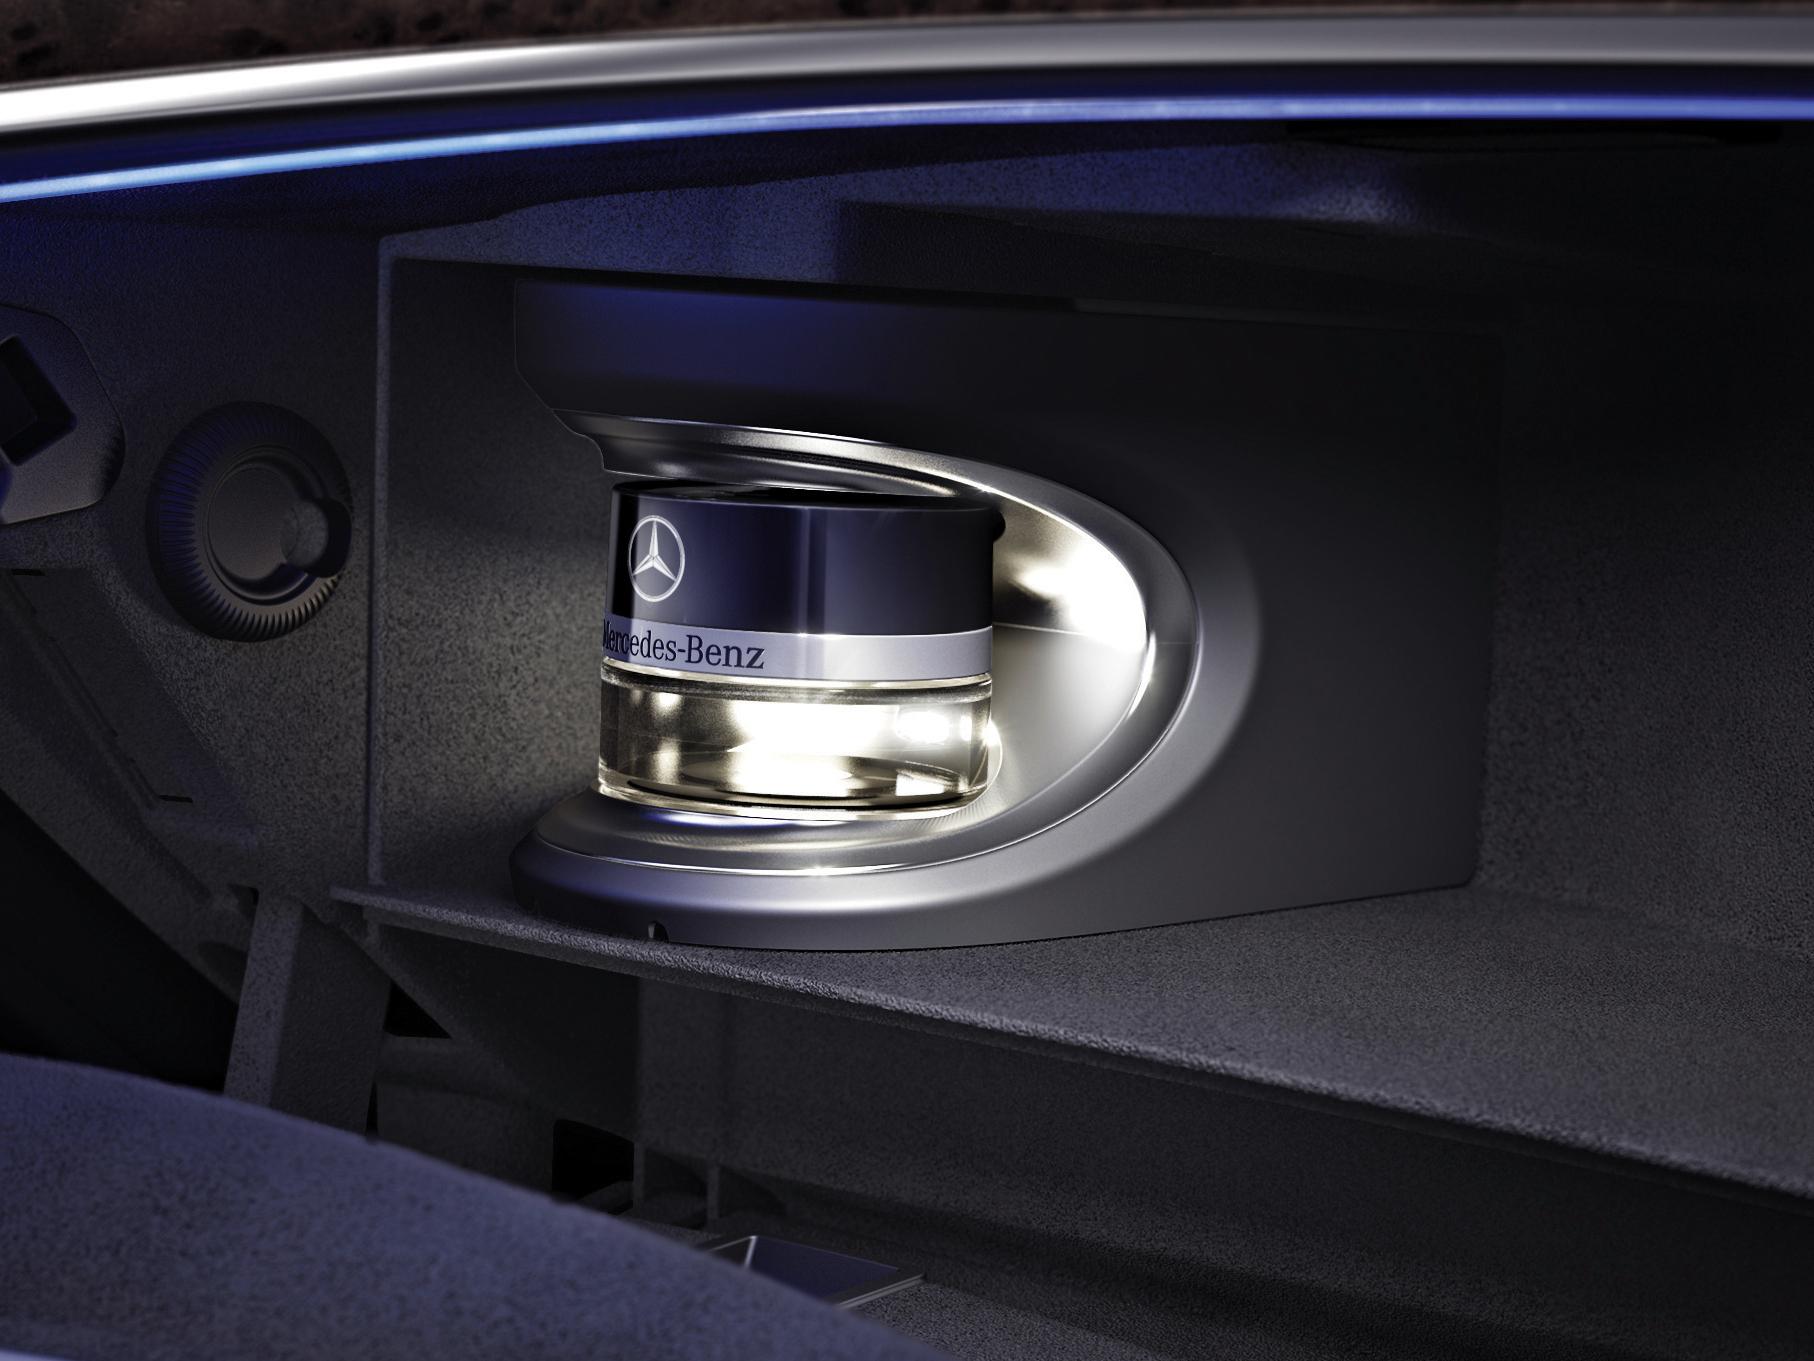 Connu Mercedes Classe S : Caradisiac vous invite au coeur des secrets de  WF55